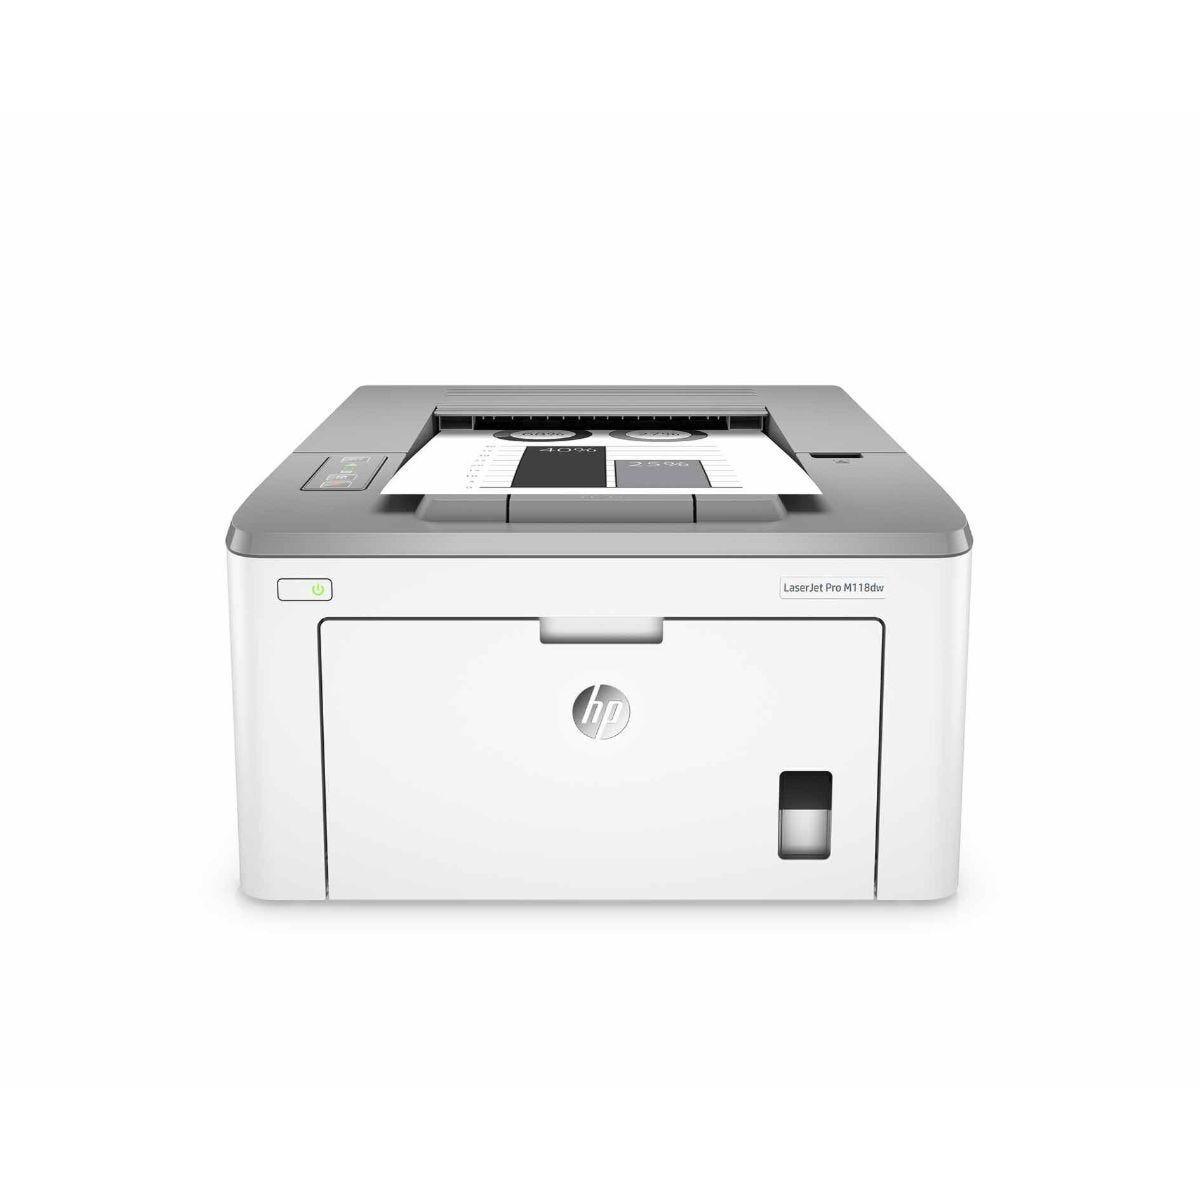 HP LaserJet Pro M118dw Mono Laser Printer